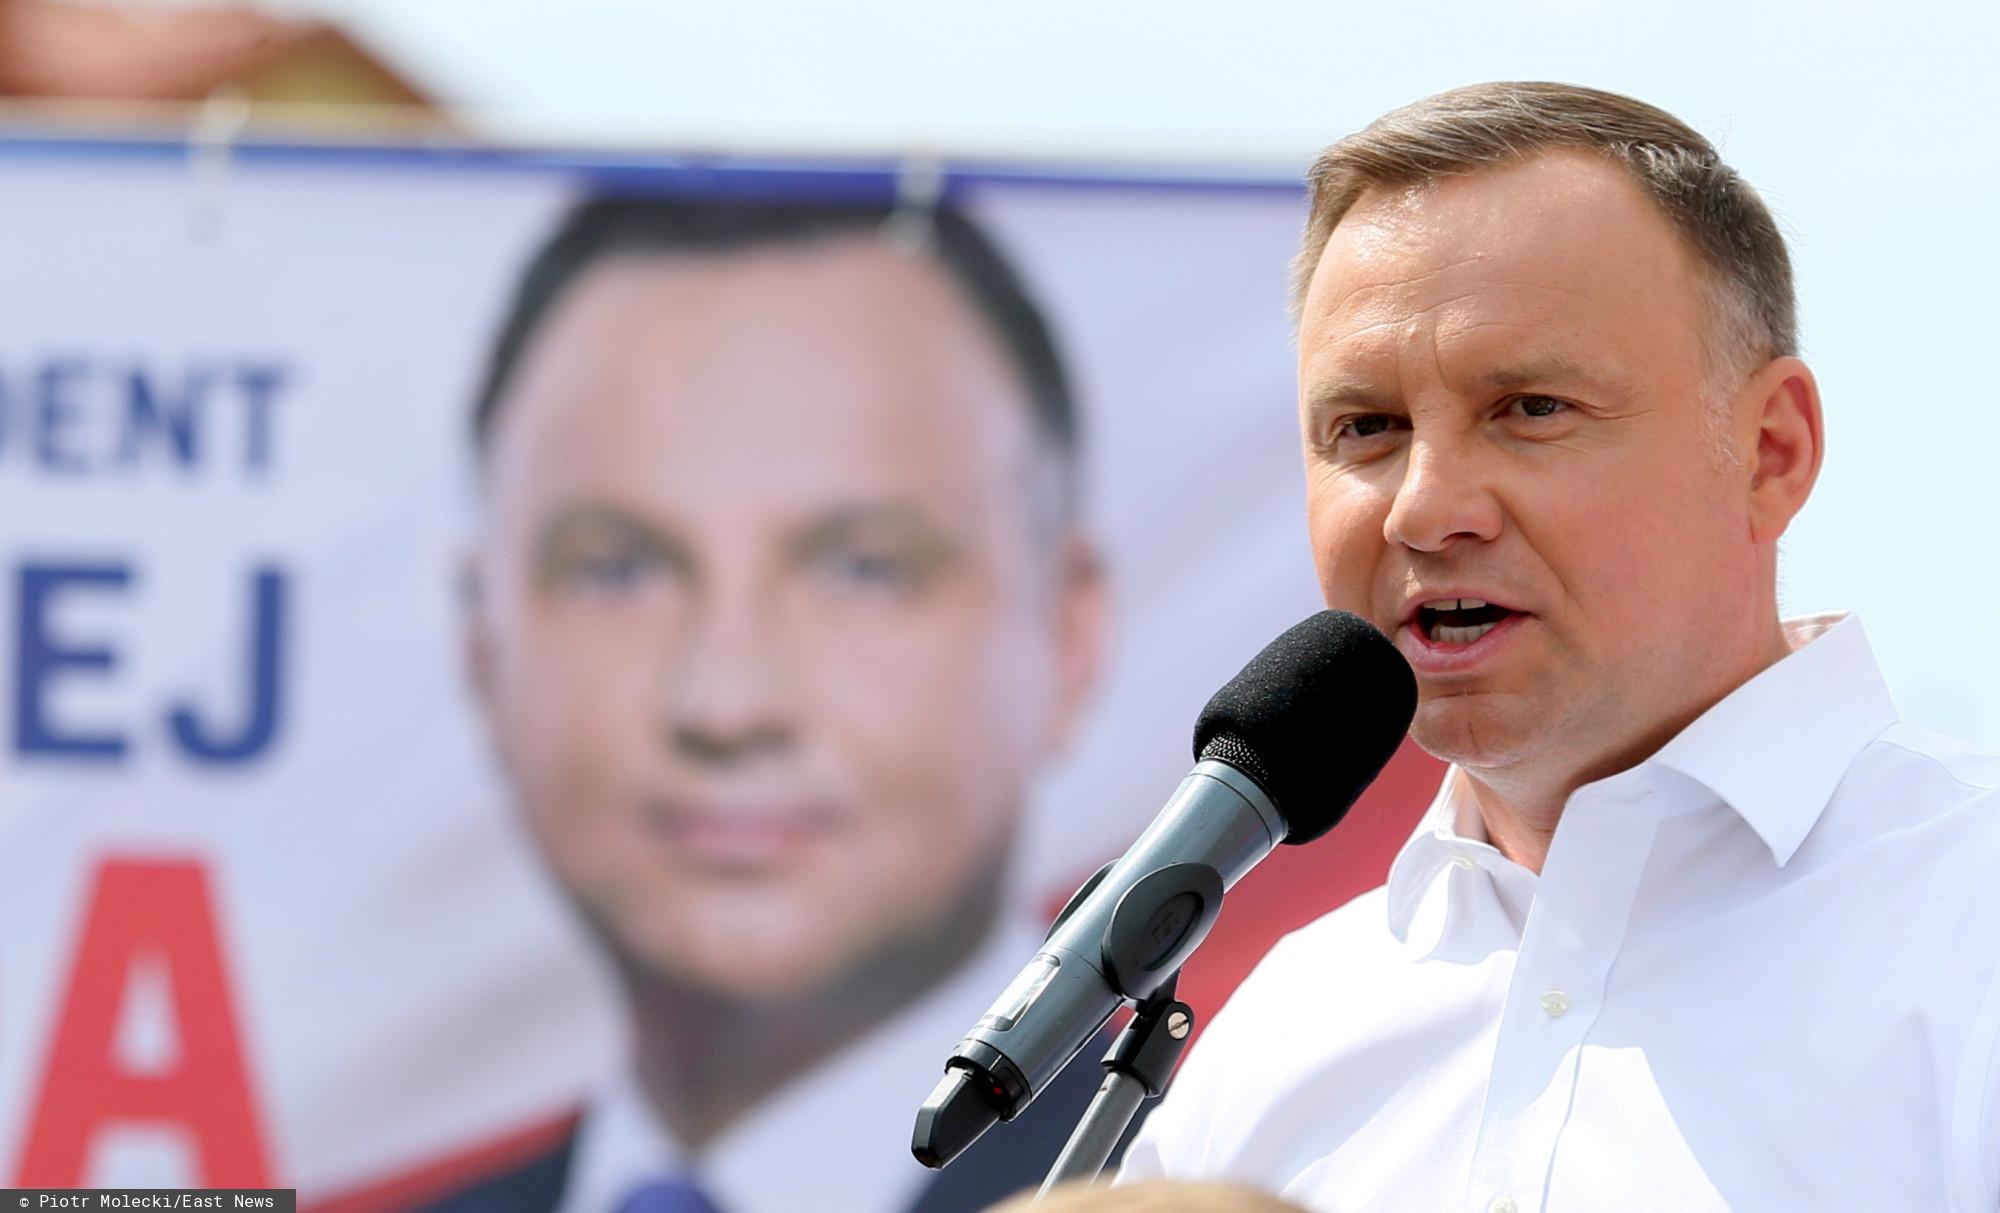 Polacy niczego nie byli świadomi, duże zmiany dla tysięcy kierowców. Prezydent już podpisał ustawę